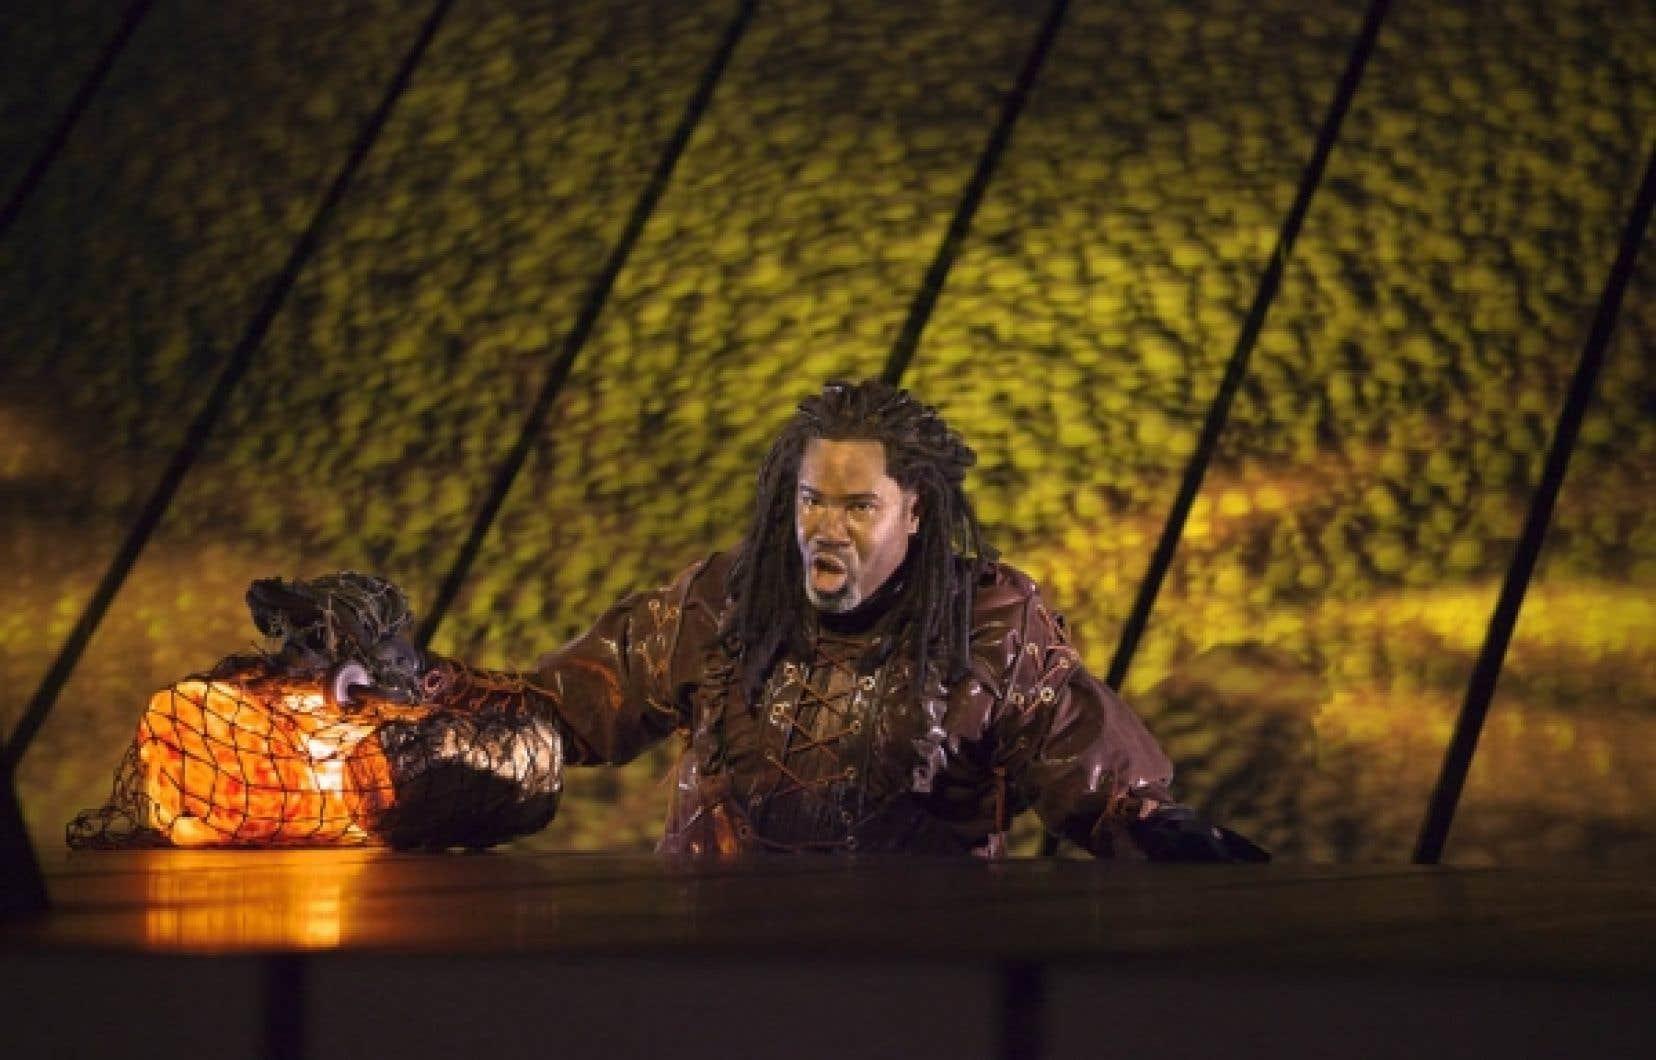 Le nain Alberich (Eric Owens) s'emparant de l'or du Rhin dans la production de Das Rheingold par Robert Lepage au Metropolitan Opera.